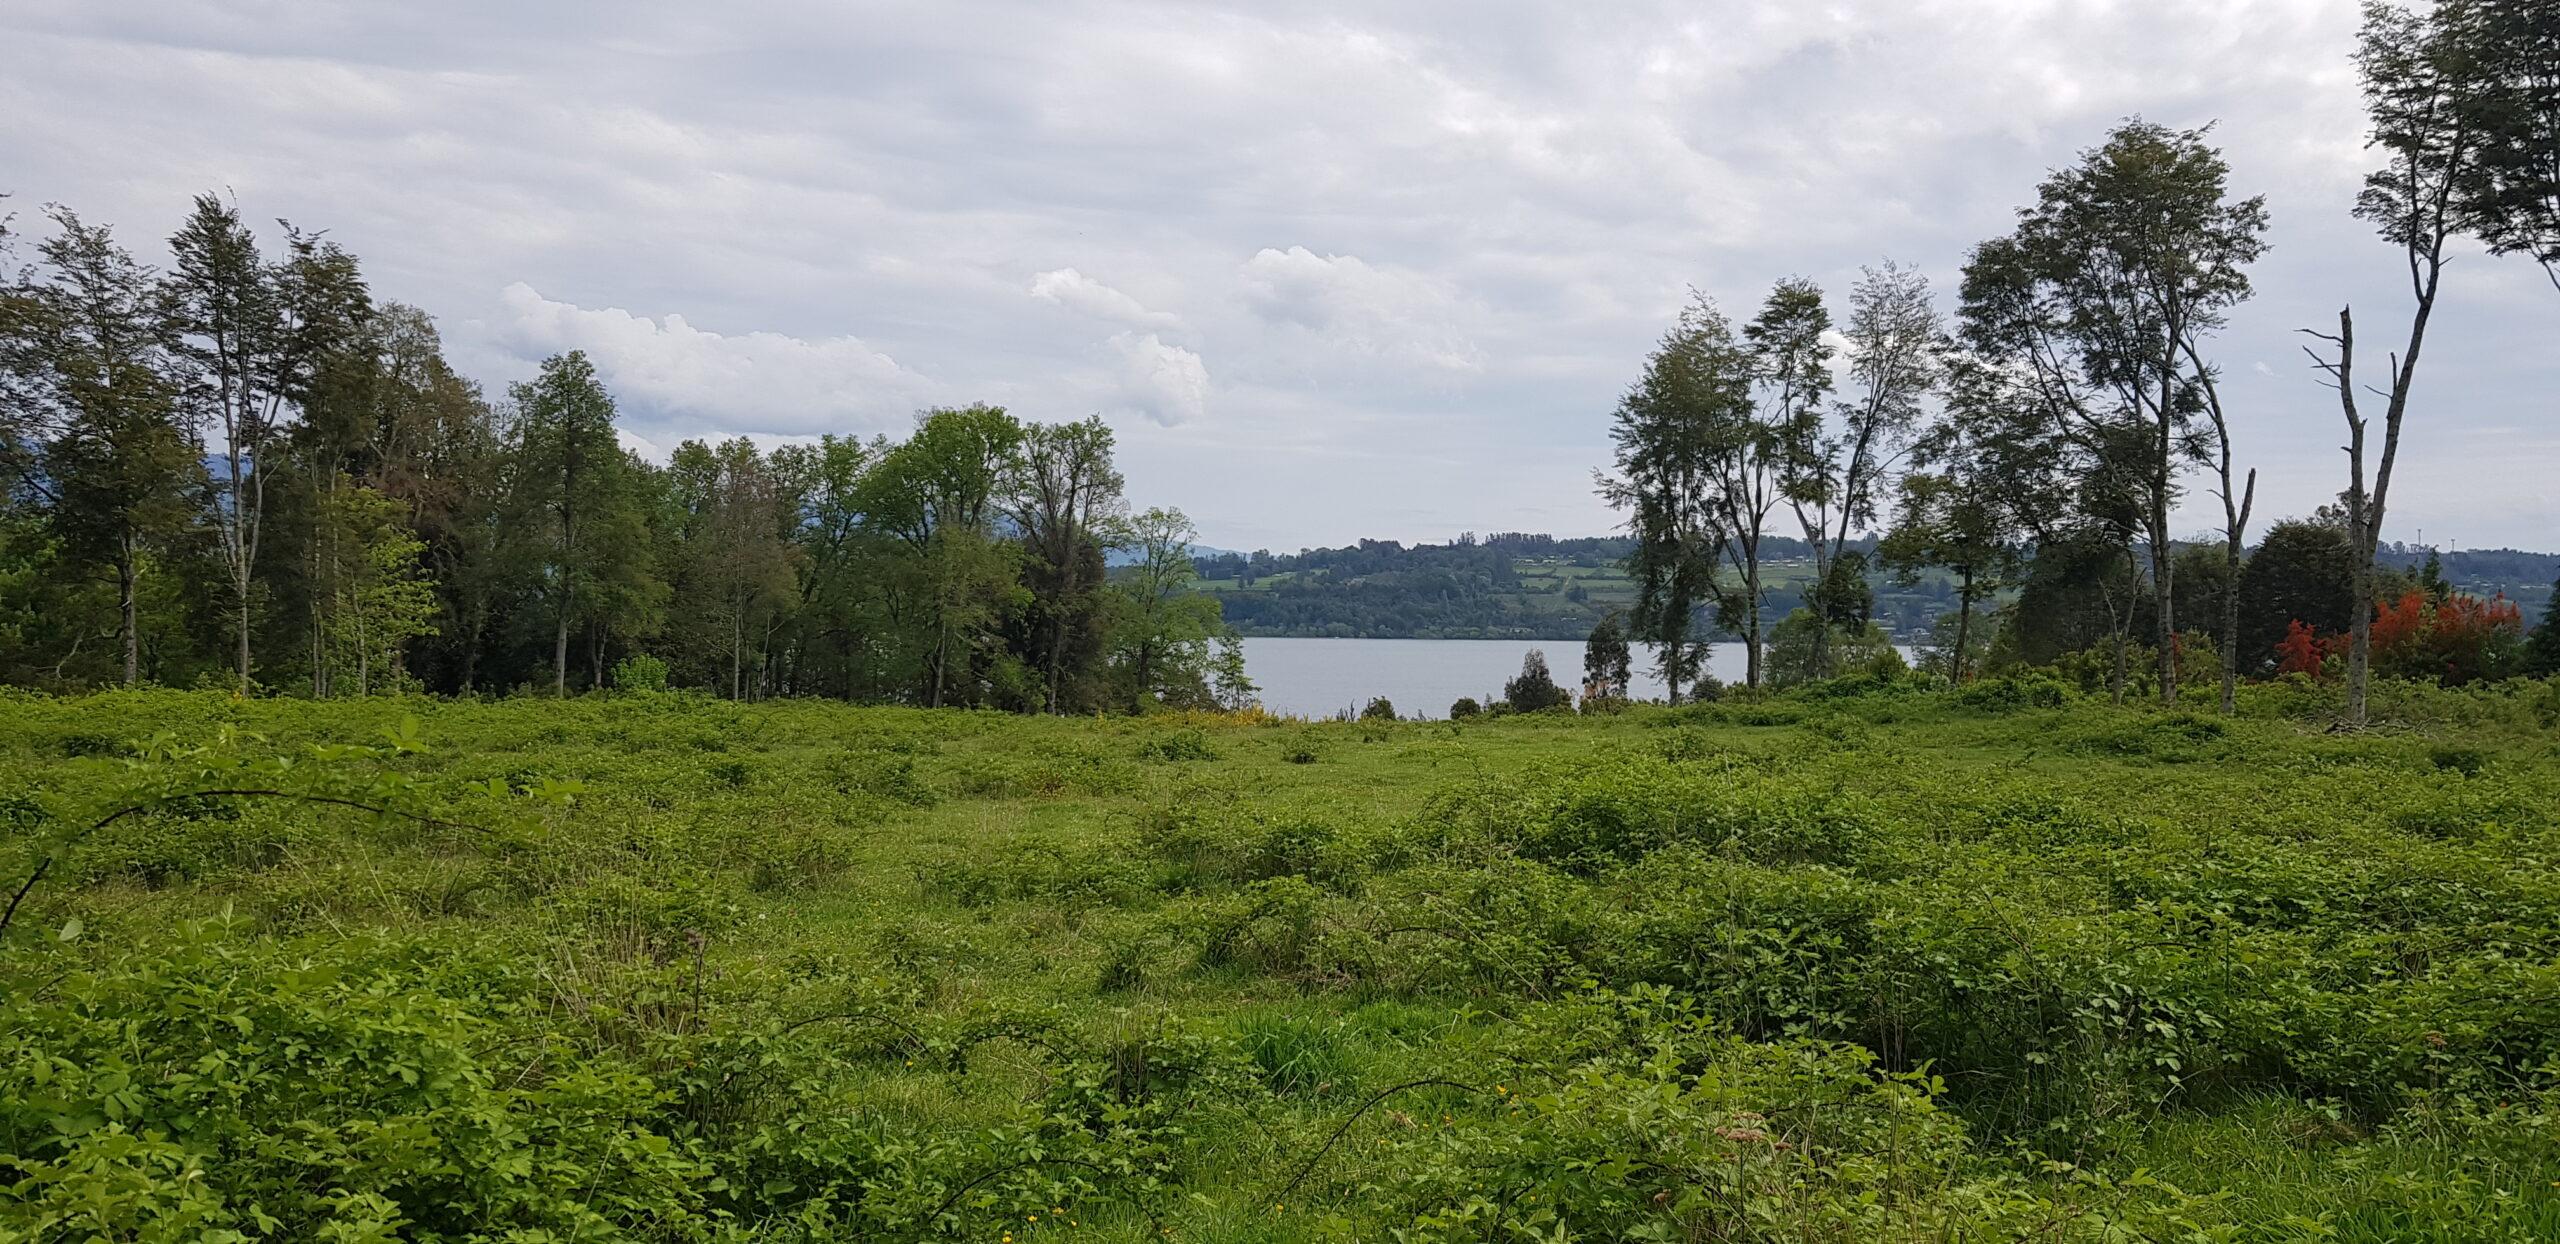 Lago Panguipulli 0,5 ha (0,25 ha útiles) lote 6/ acceso